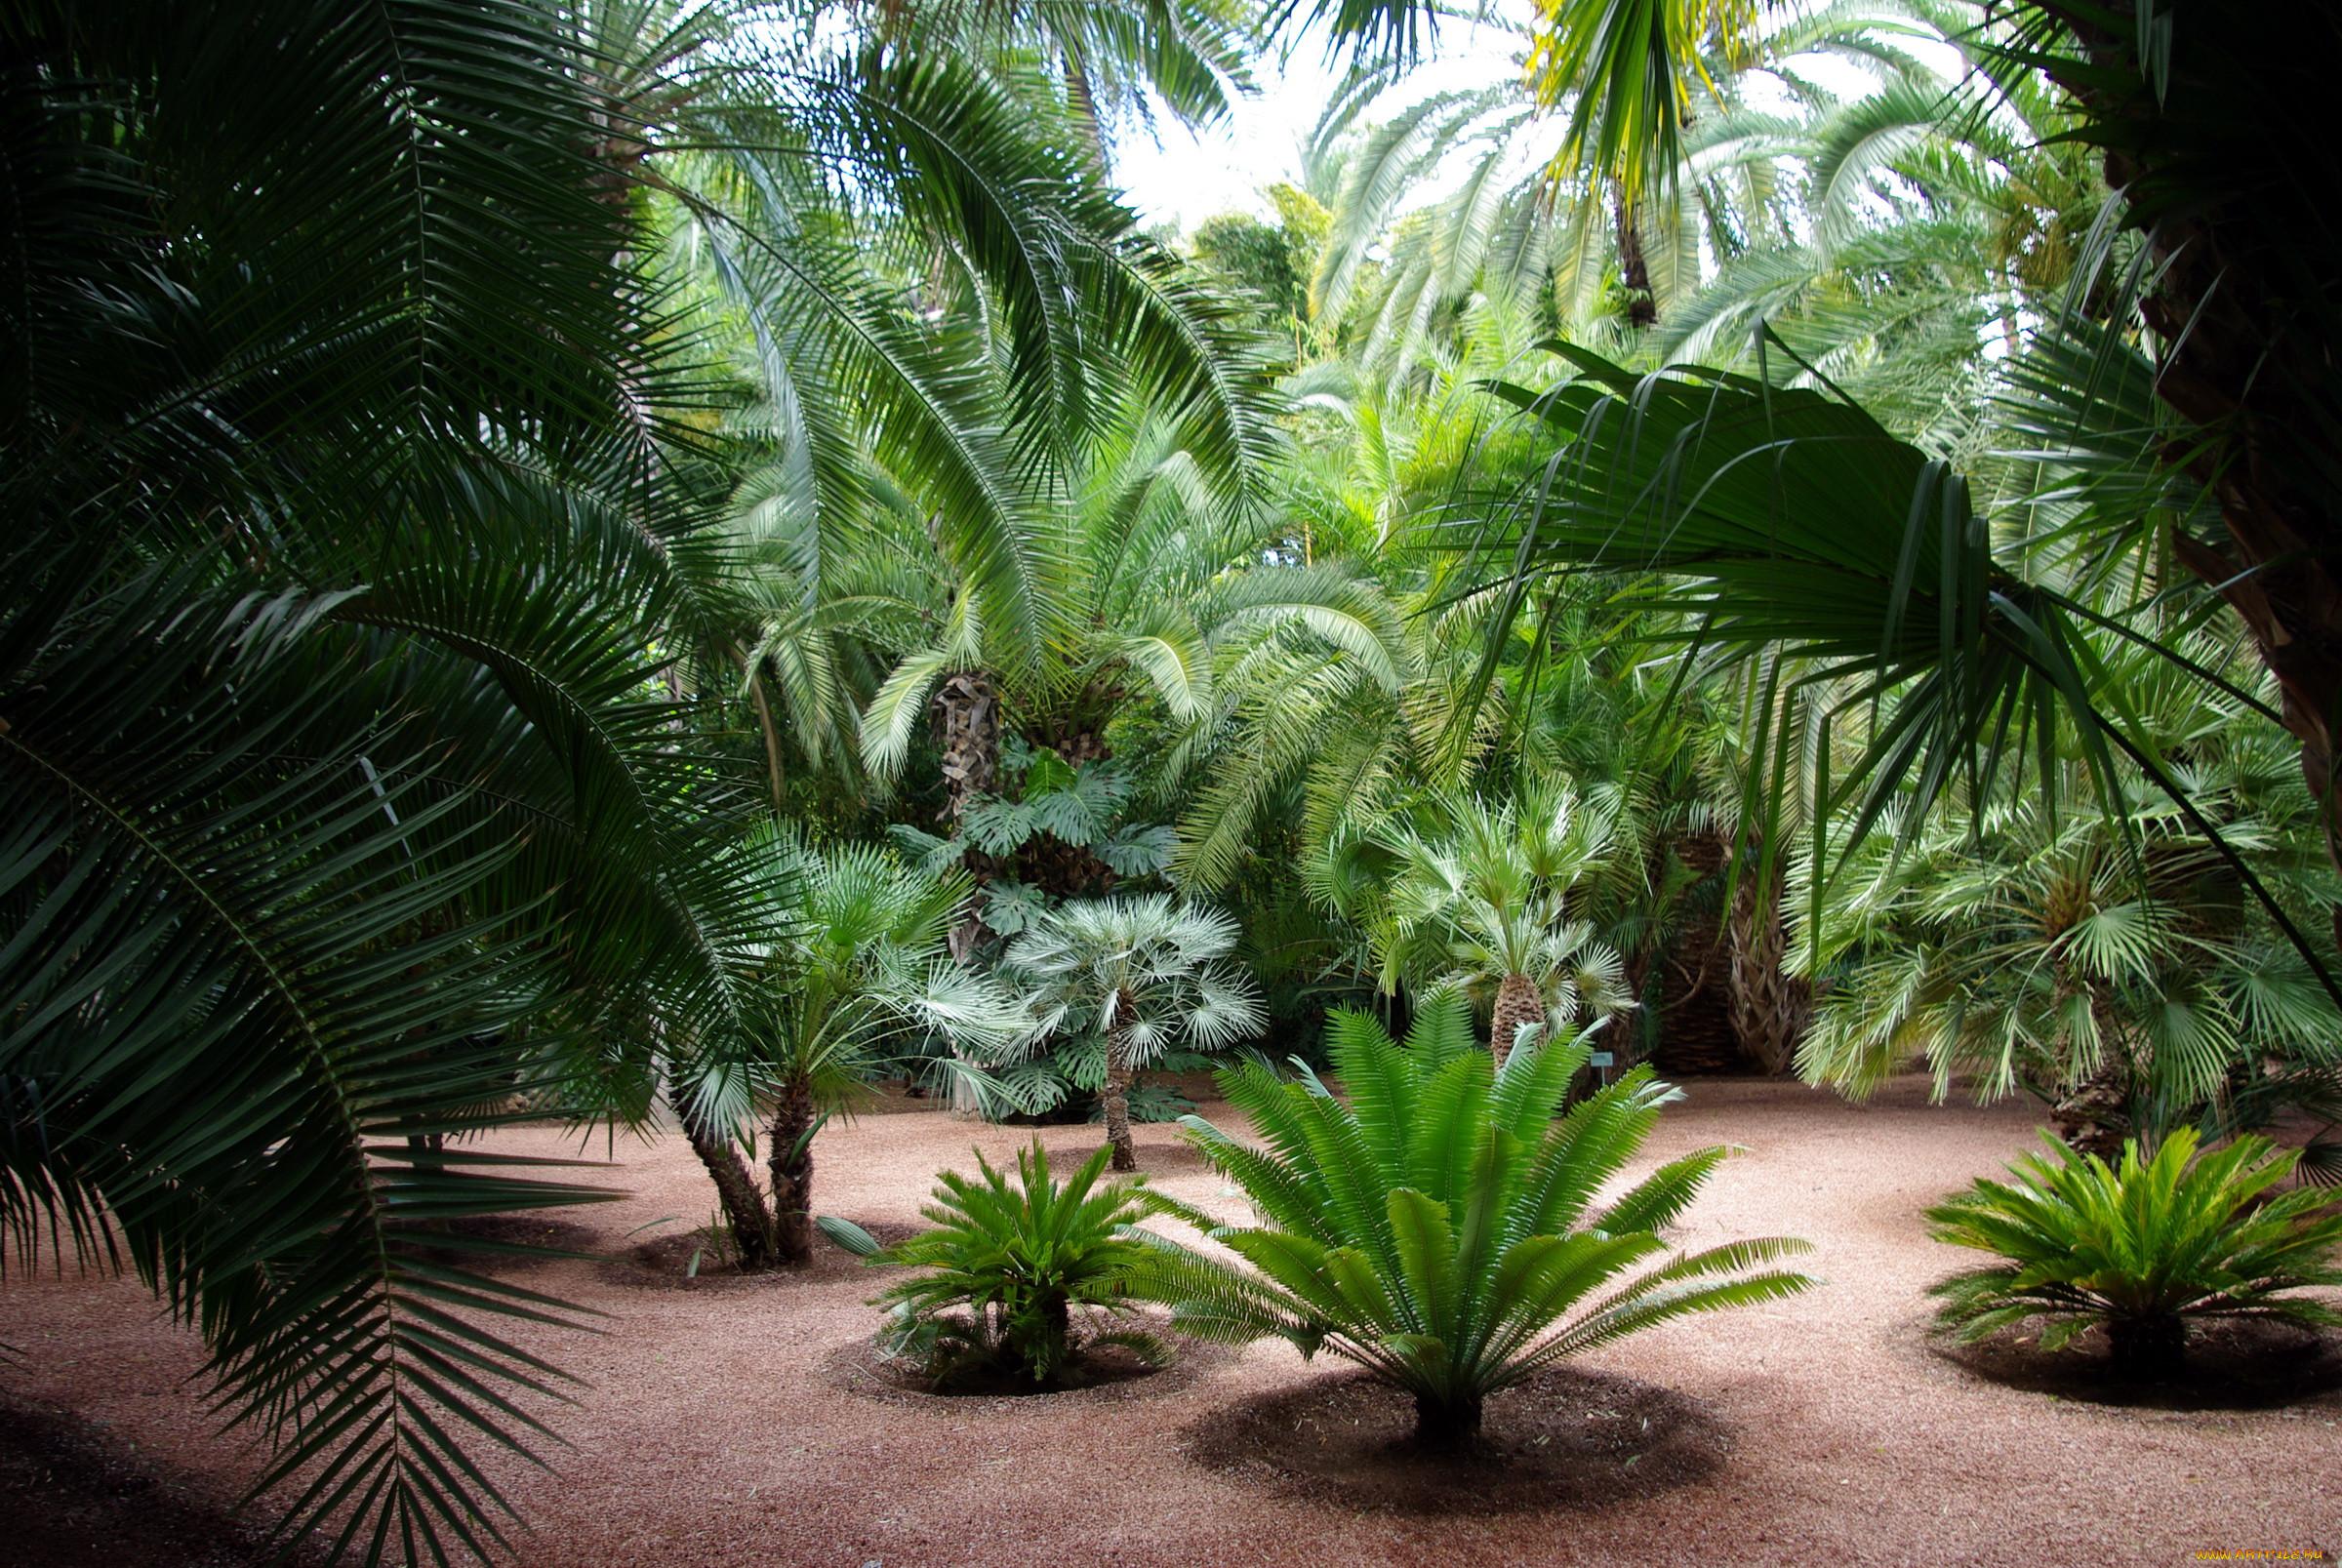 рецептуре следовали, фото пальма тропики всегда нам